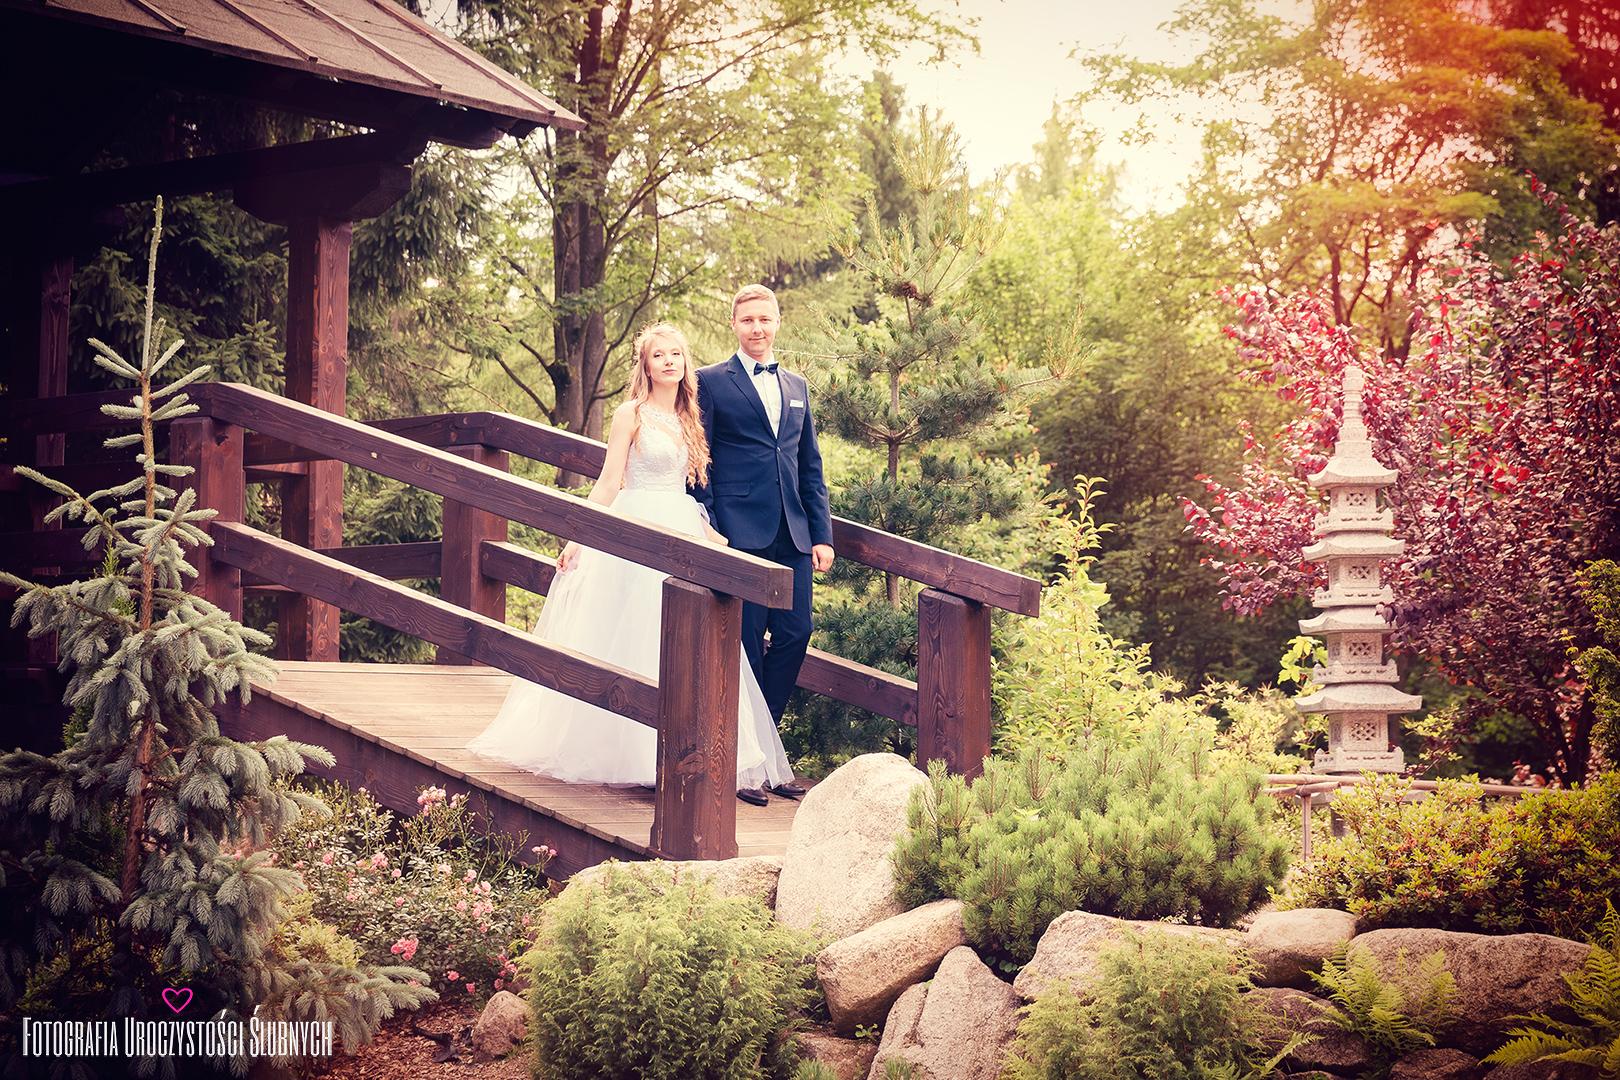 Piękny plener ślubny w ogrodzie japońskim Siruwia w Przesiece koło Jeleniej Góry. Artystyczne sesje ślubne, reportaże...